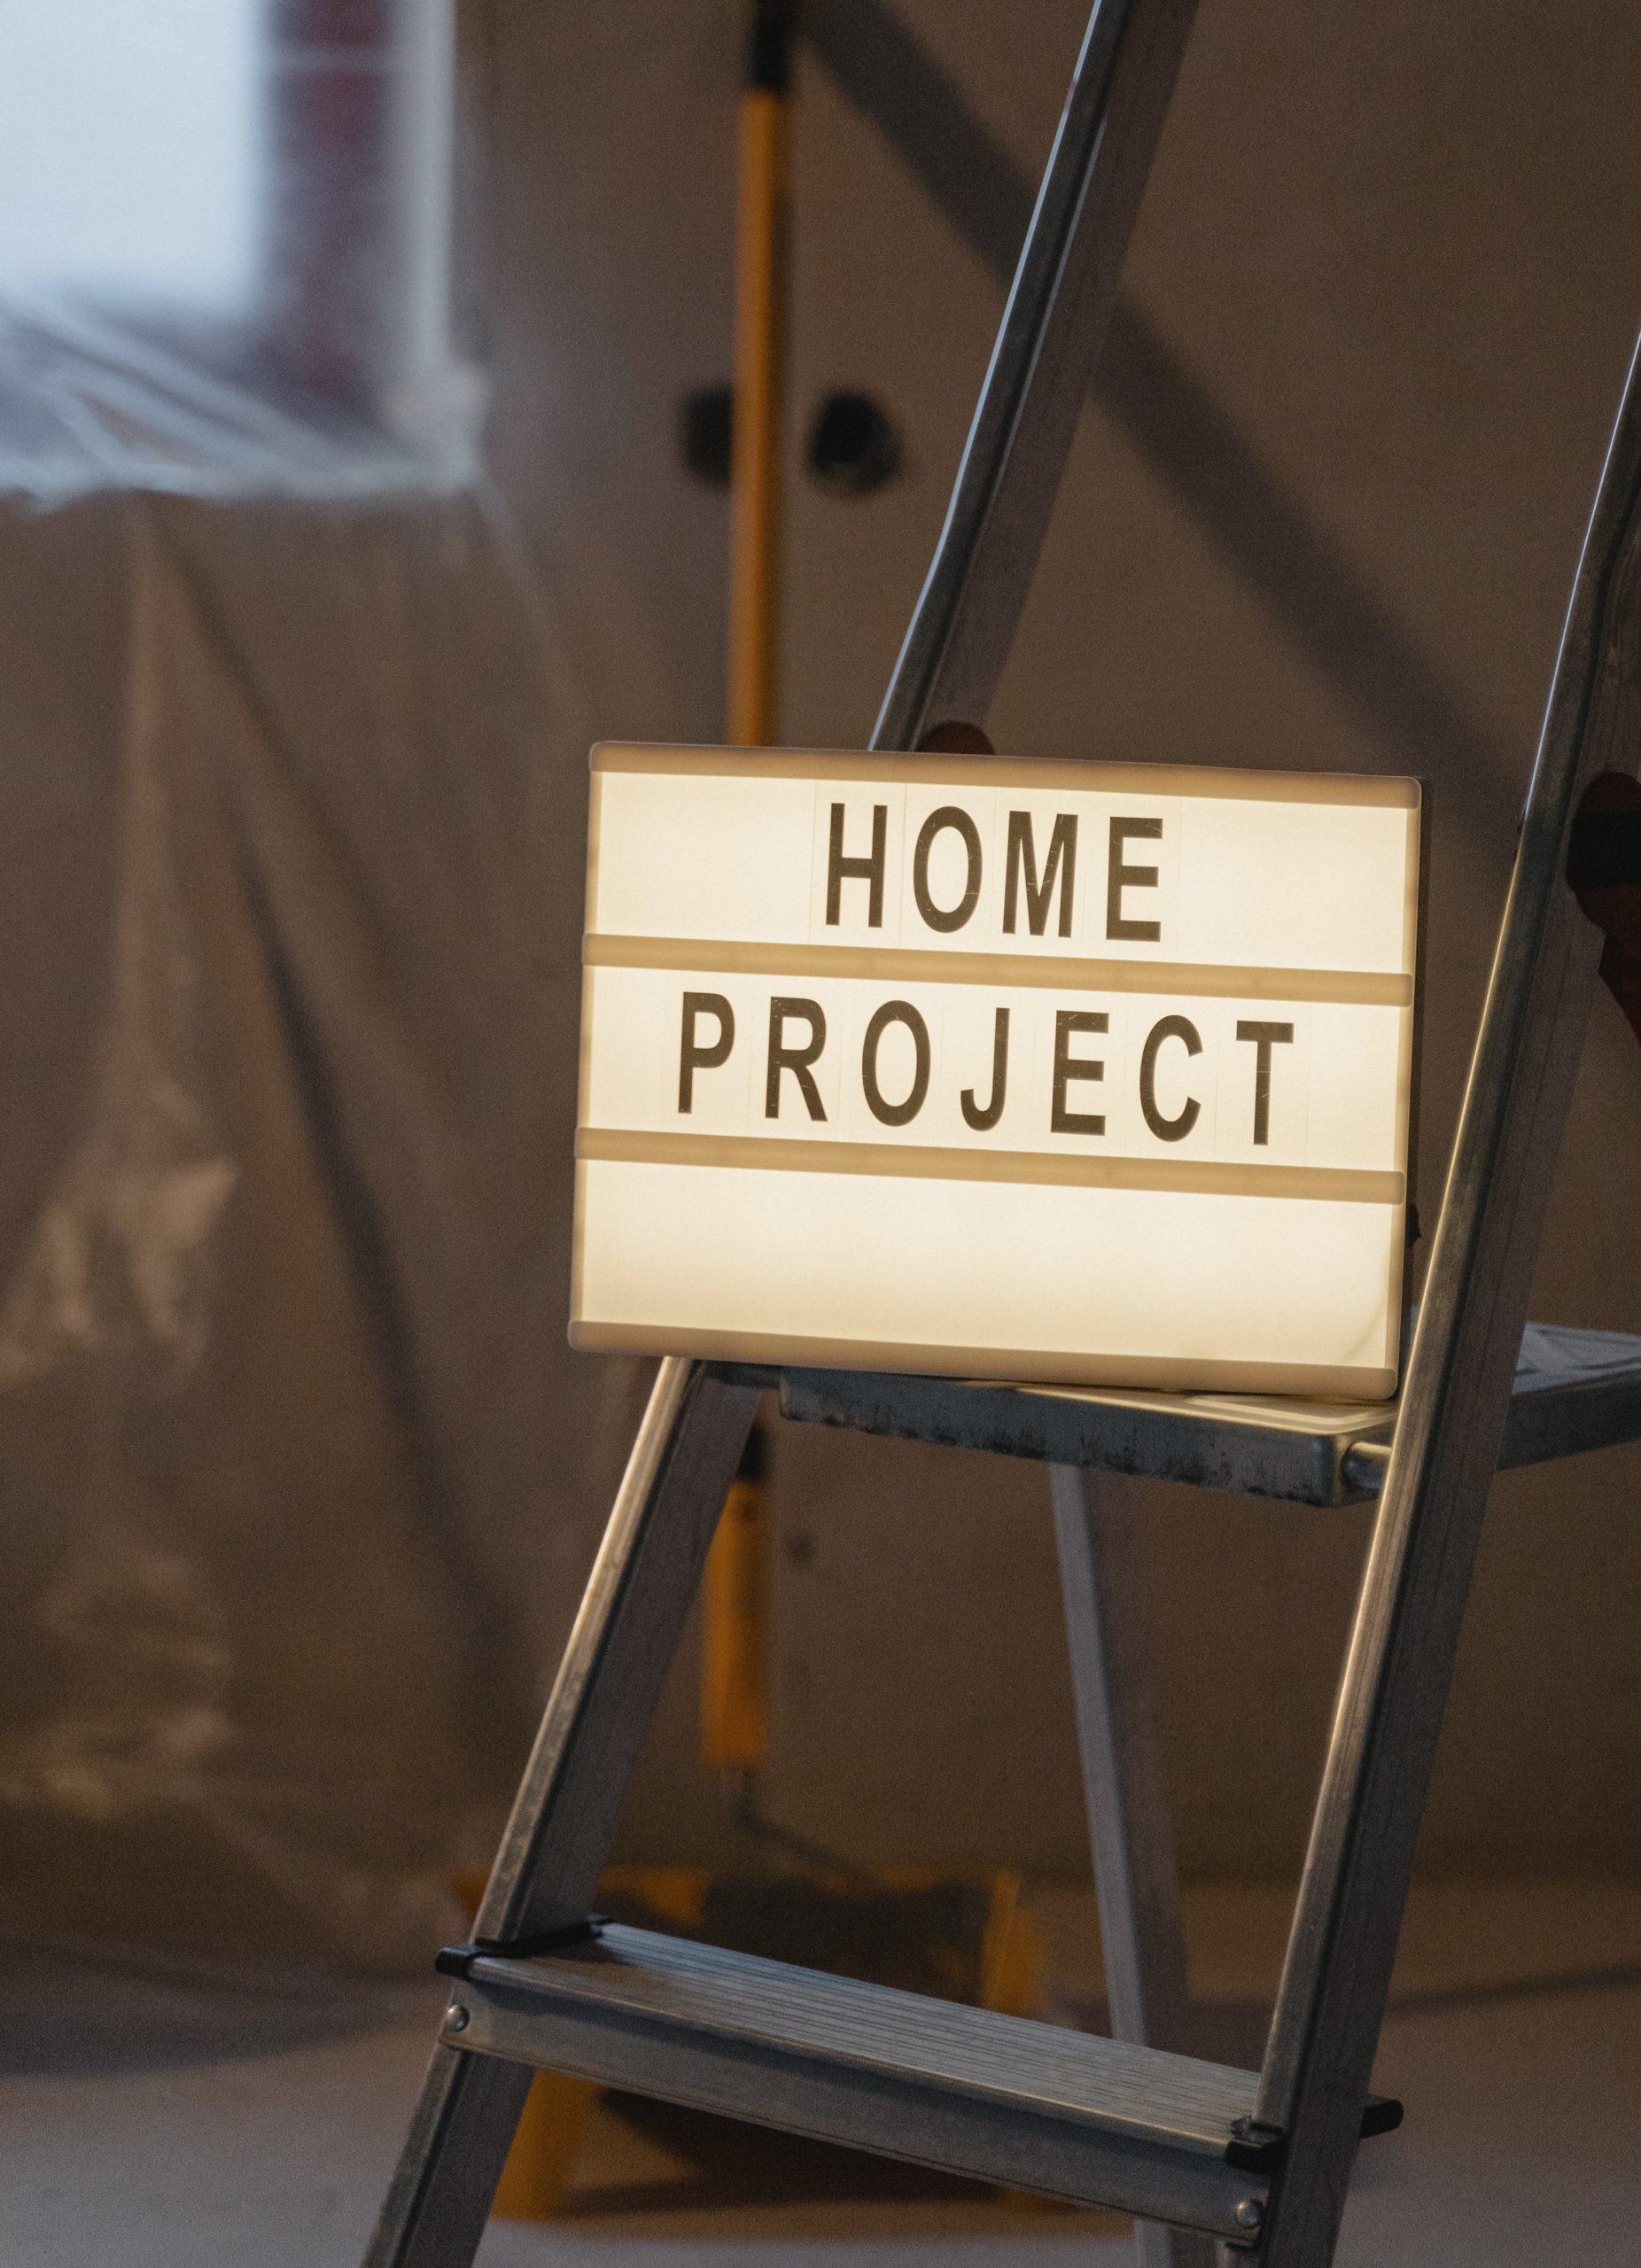 Leiter in renoviertem Zimmer mit Leuchtschild Home Project